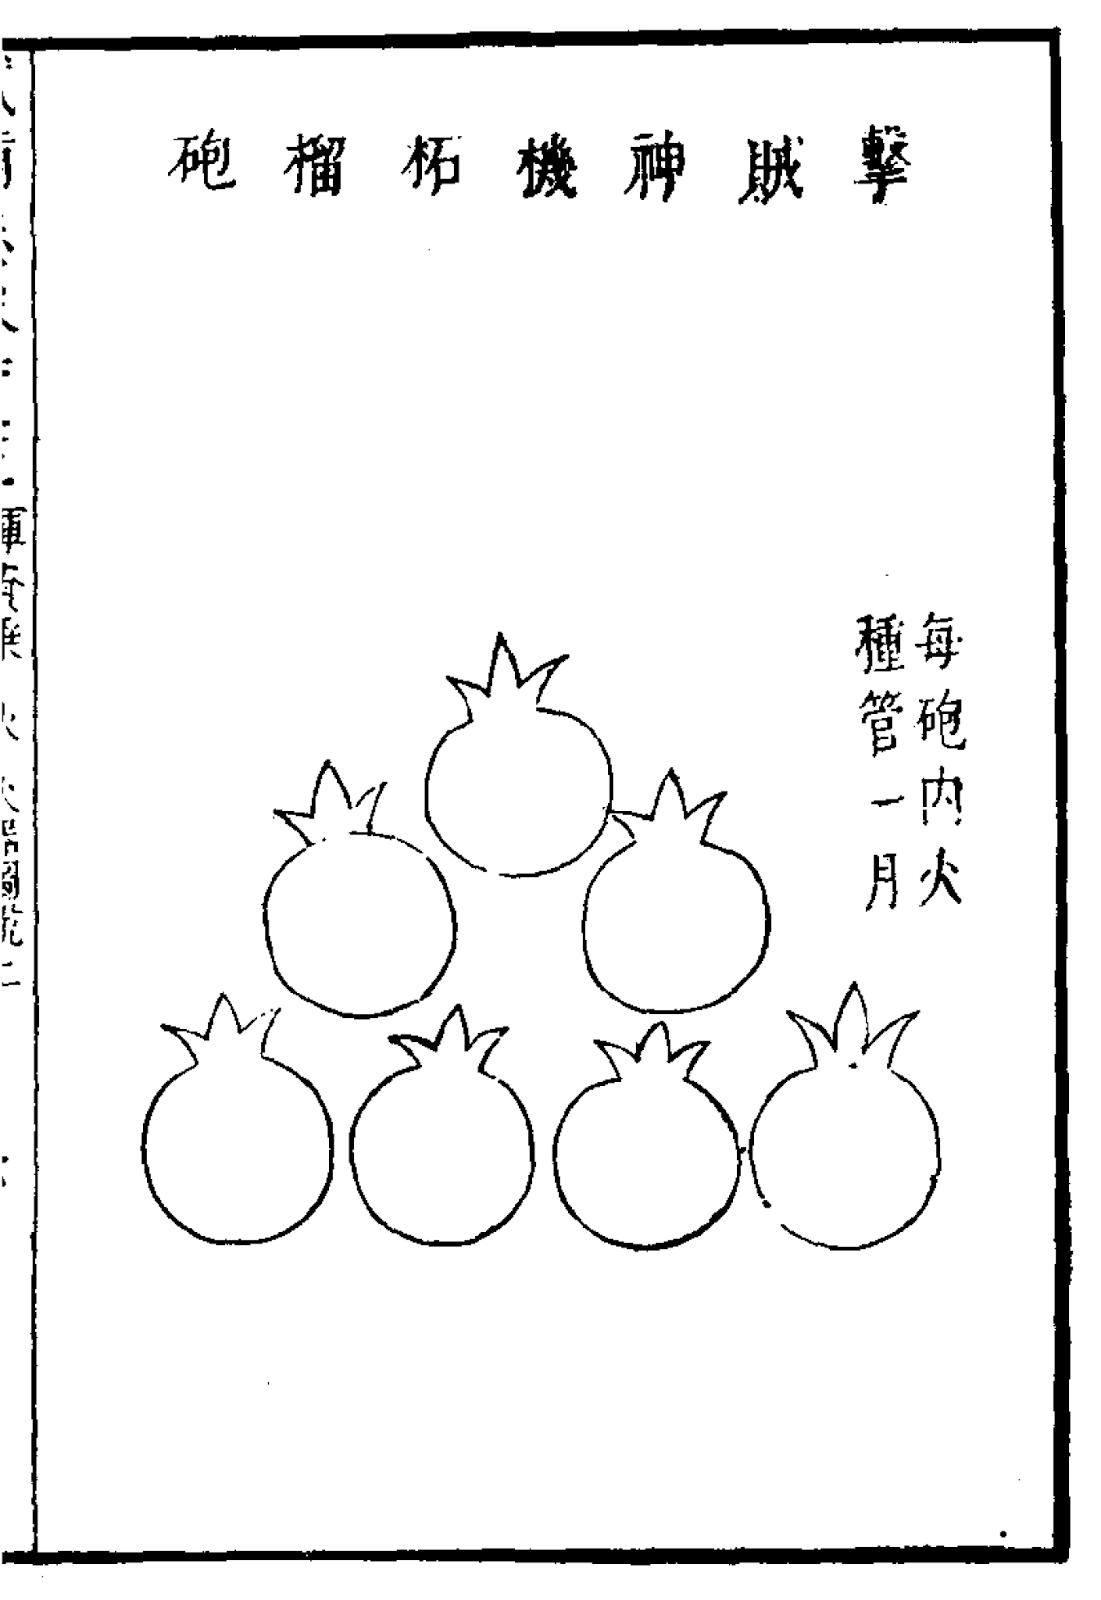 Ji Zei Shen Ji Tuo Liu Pao